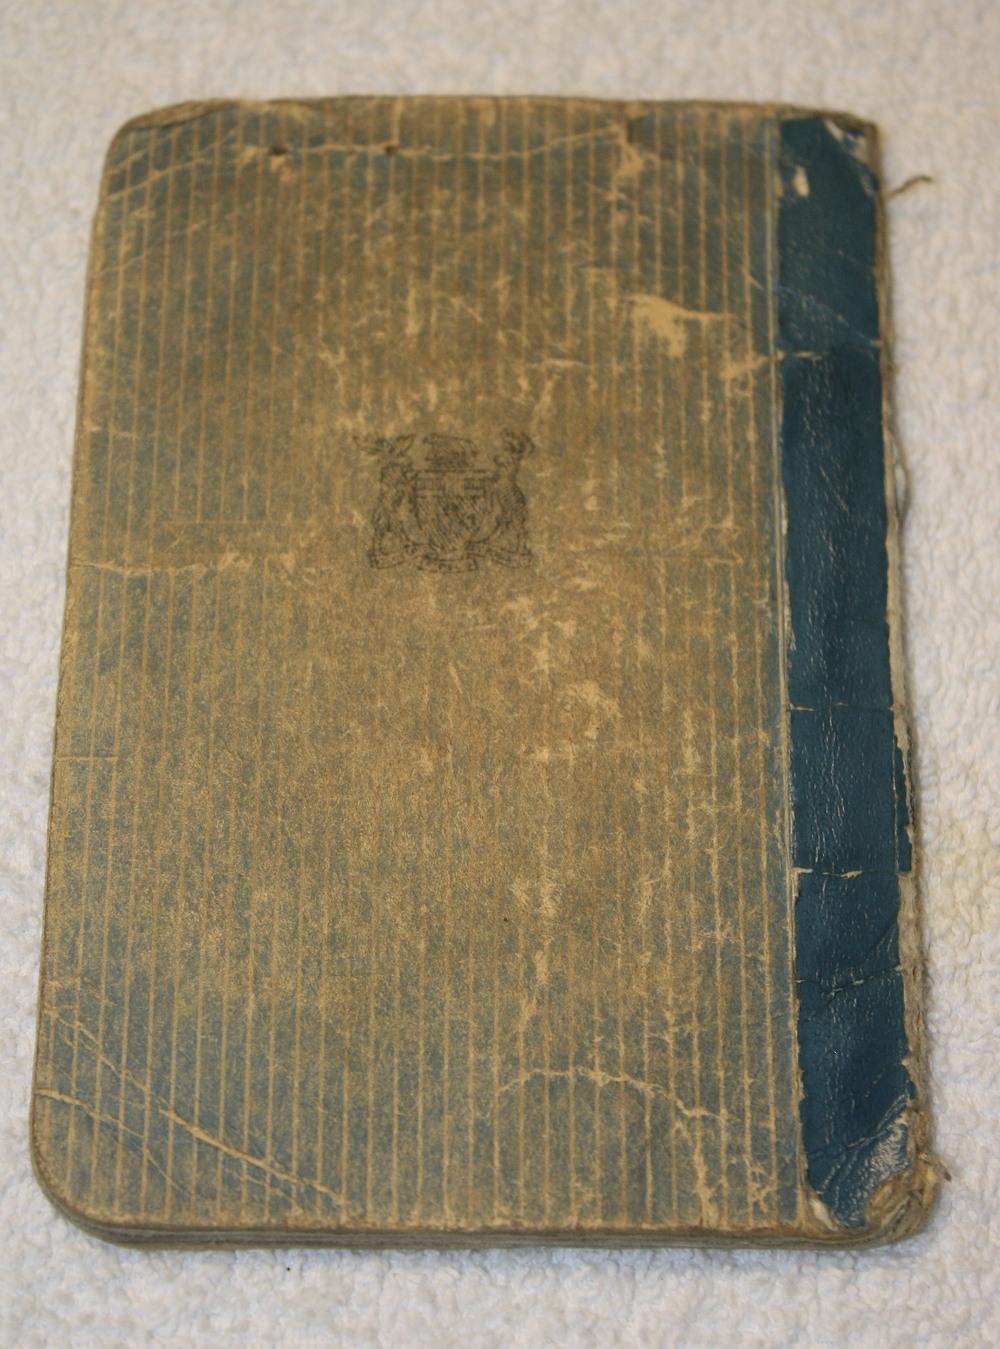 LCBO Individual Liquor Permit book_(1957-1958)_back cover